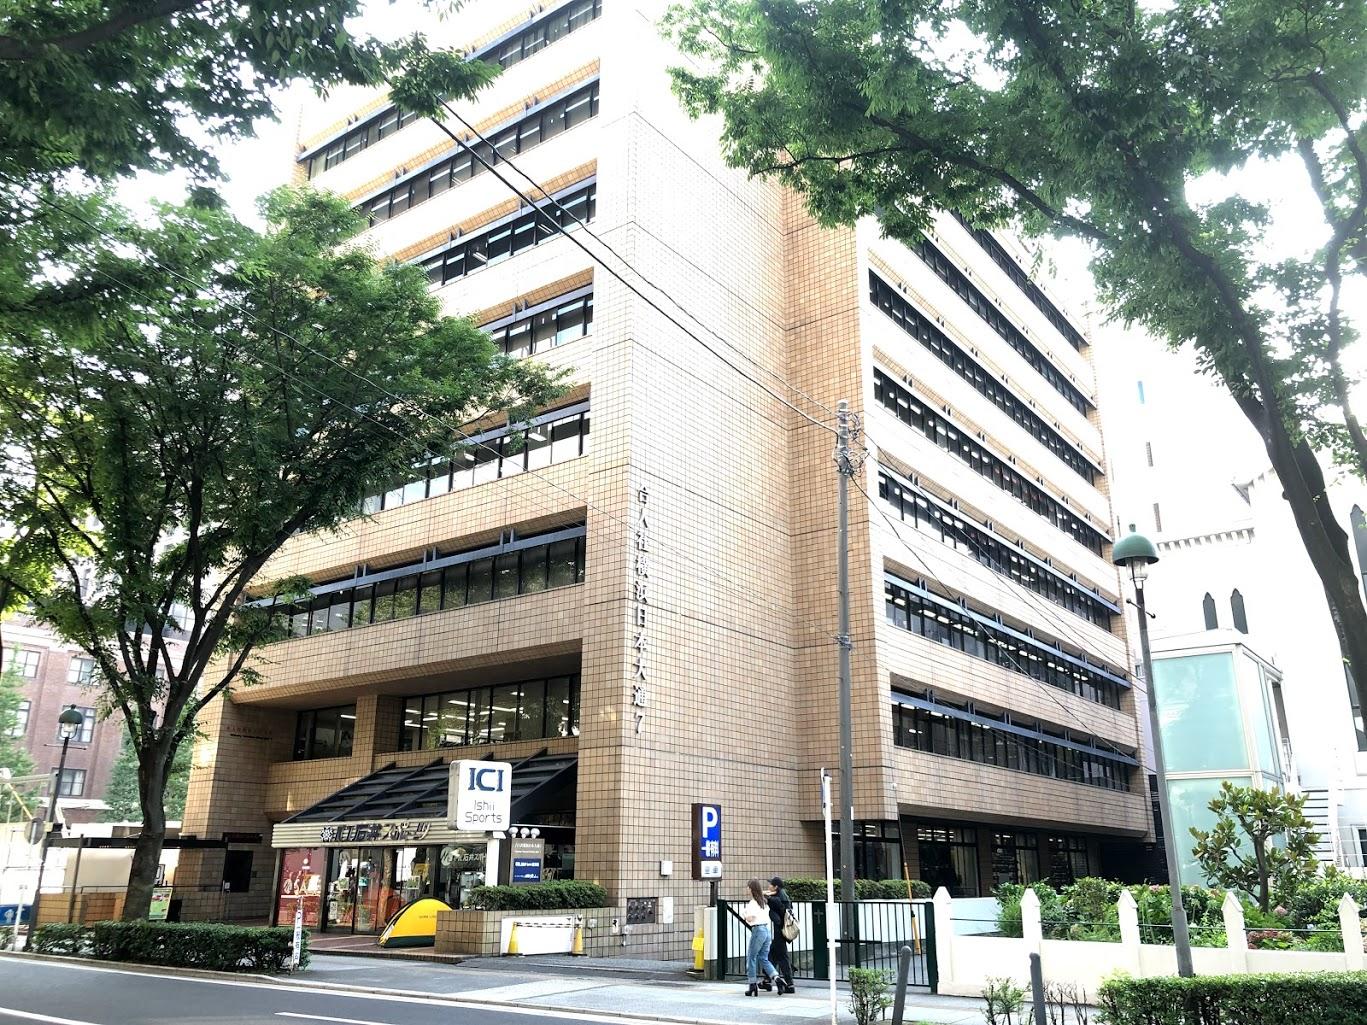 横浜ビジネスポート_日本大通りレンタルオフィス・シェアオフィス・バーチャルオフィス